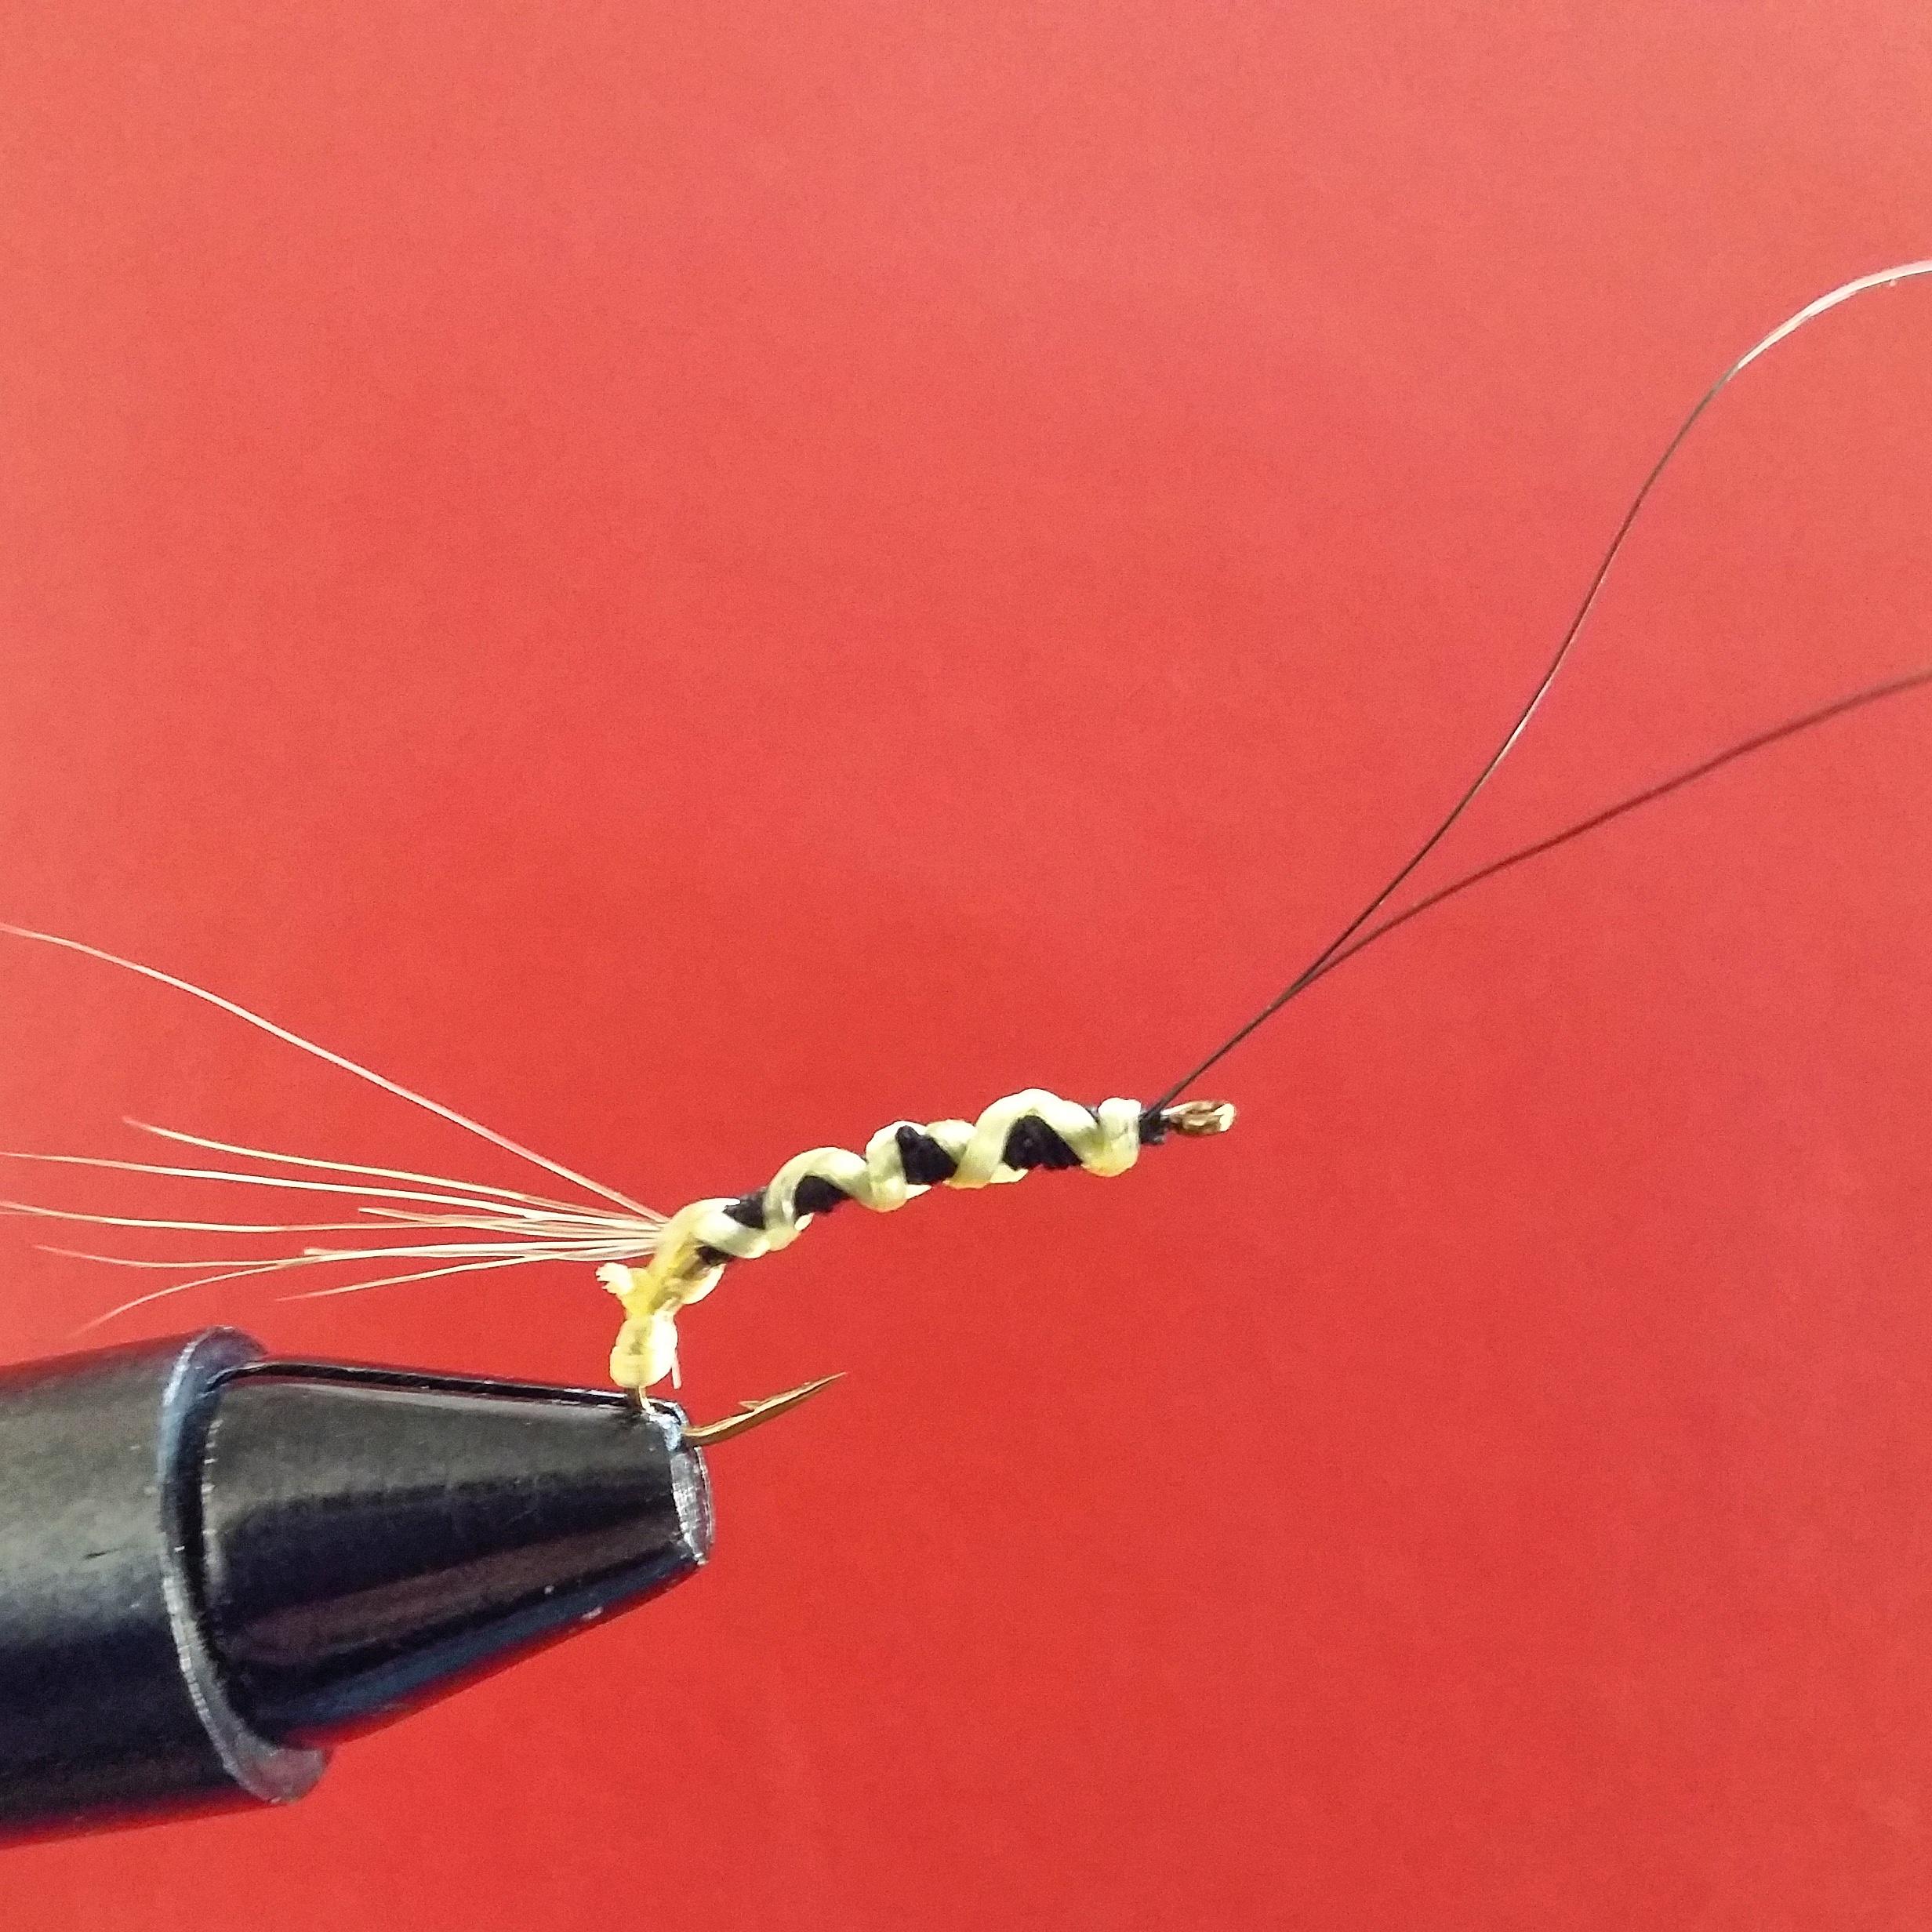 flyfishing LM 08